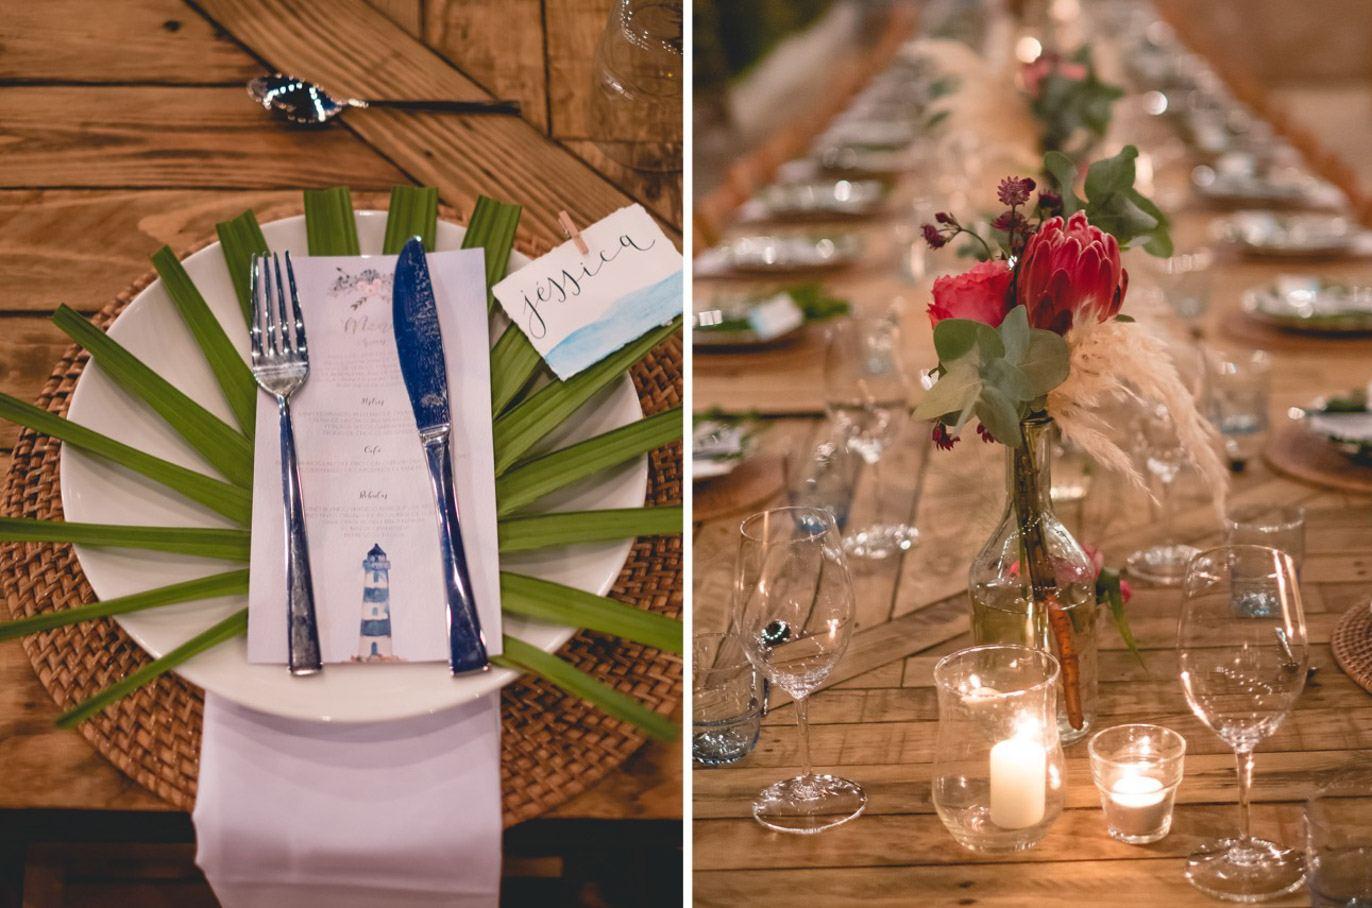 detalles banquete de bodas